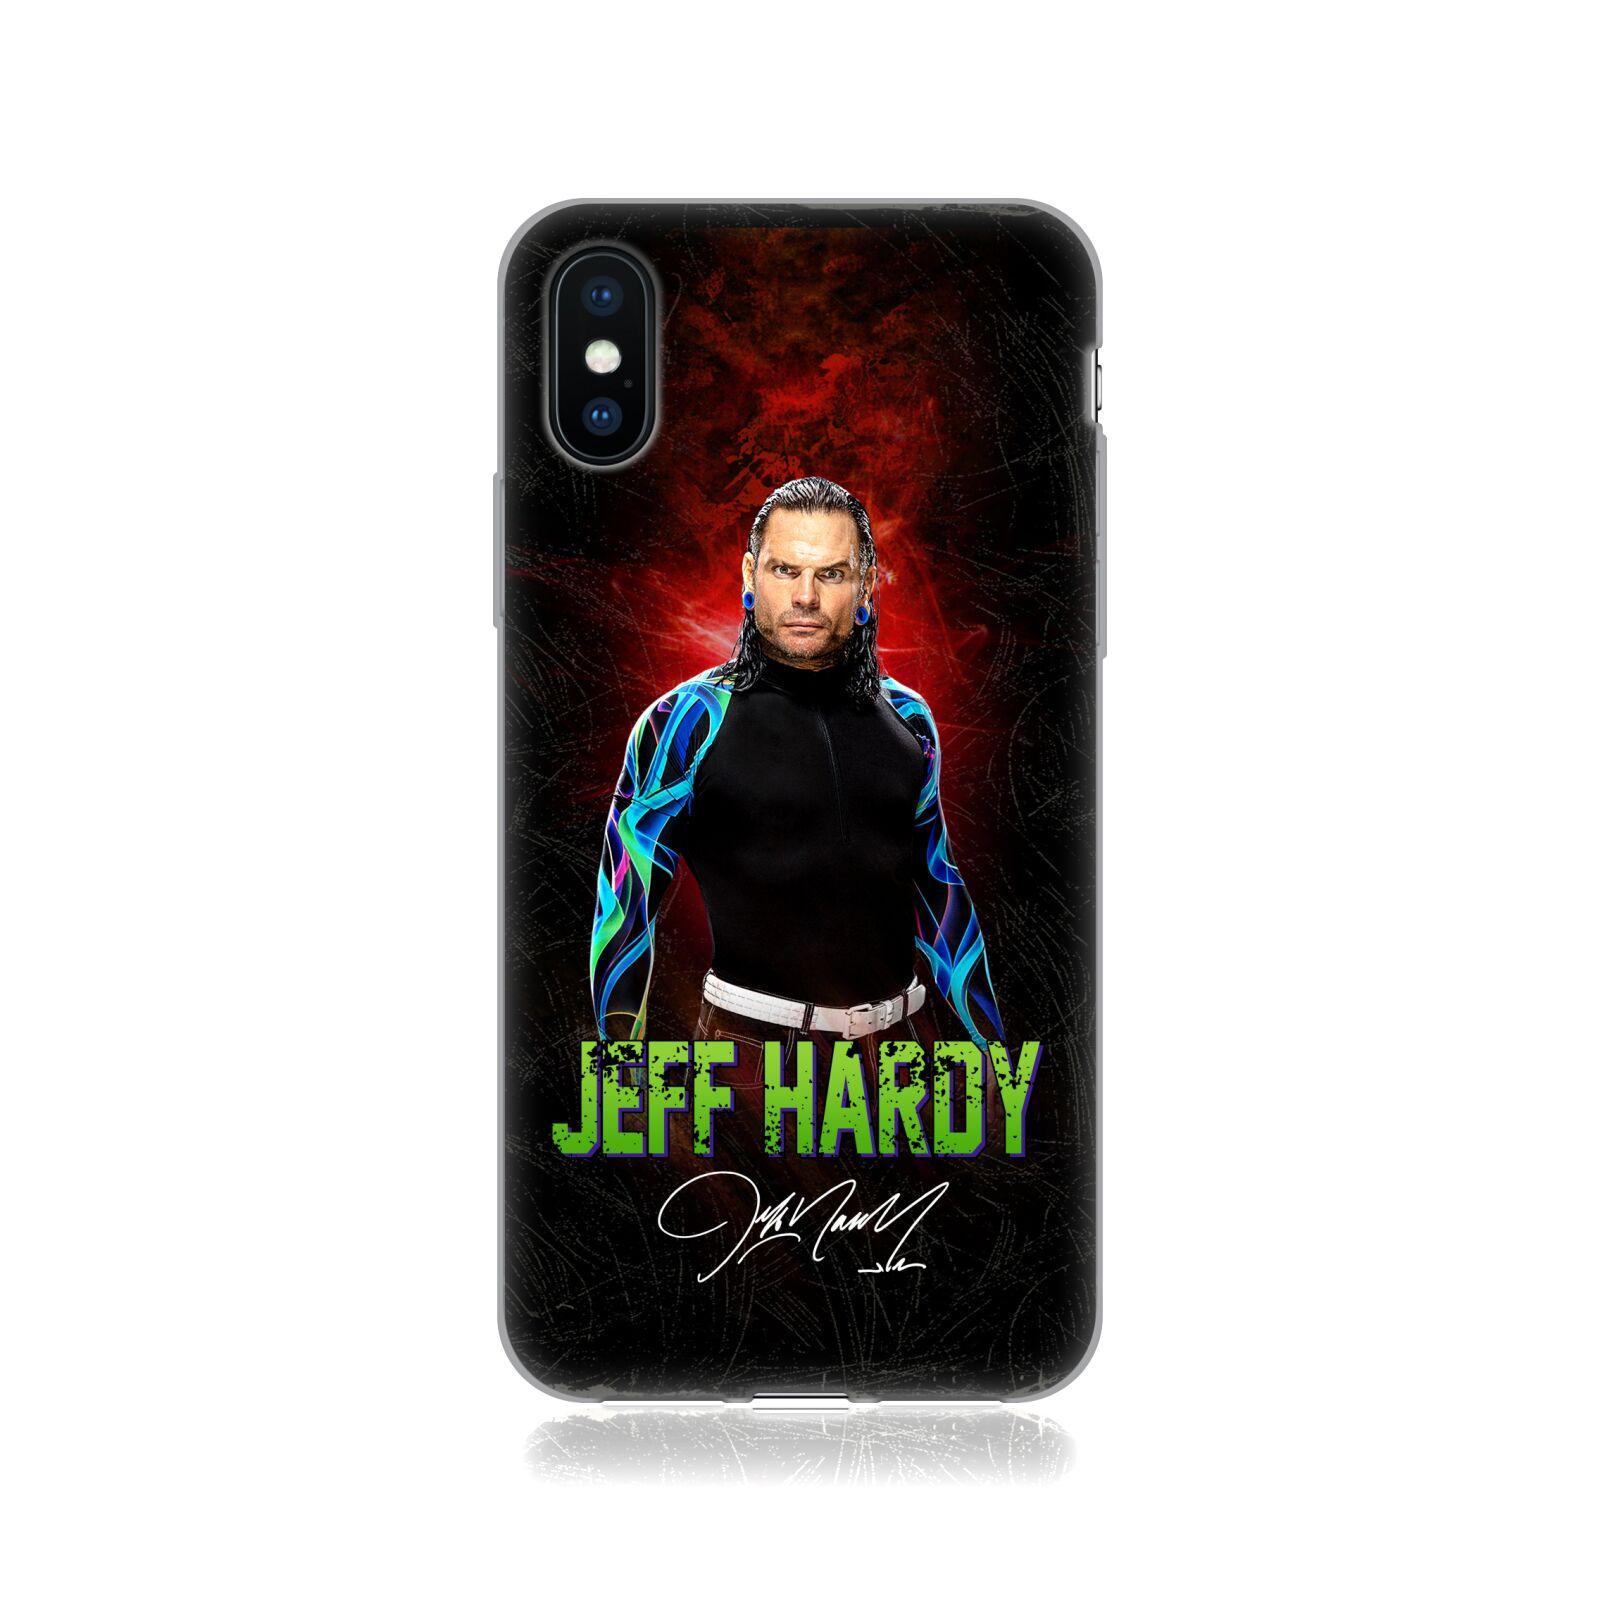 WWE <!--translate-lineup-->Jeff Hardy<!--translate-lineup-->